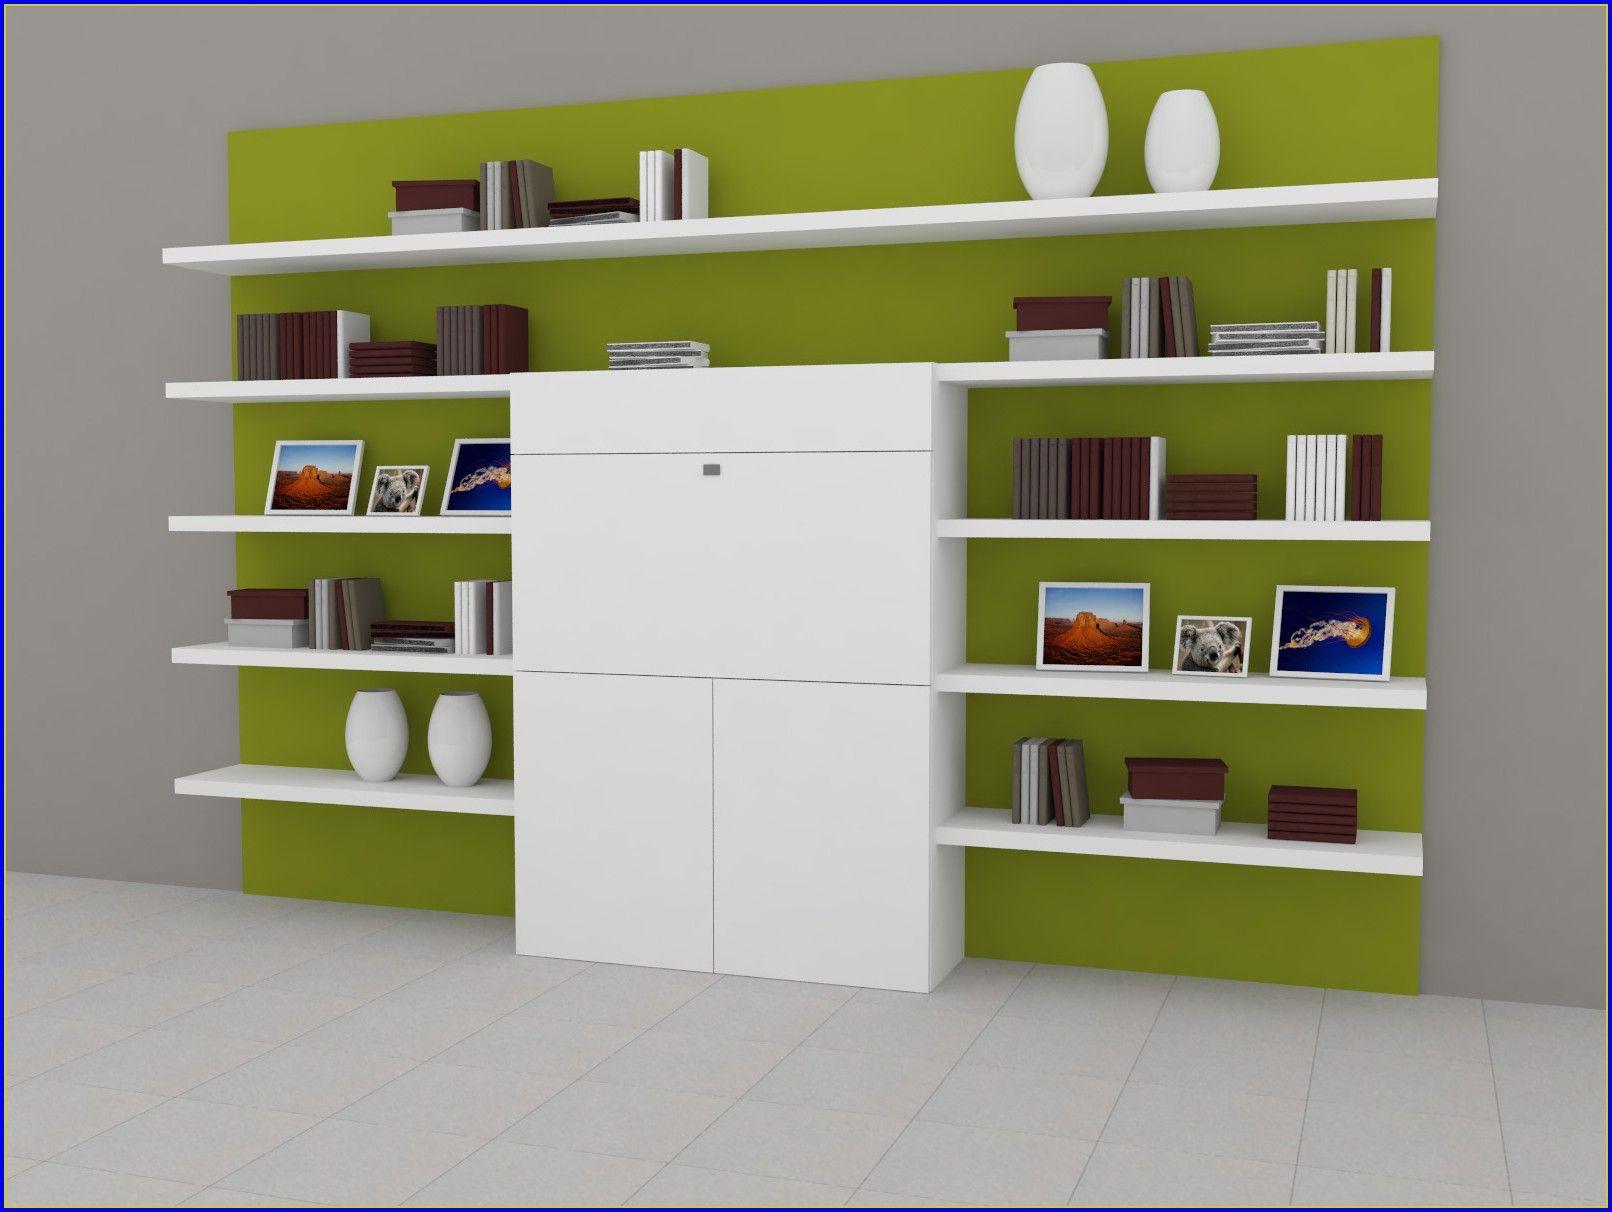 Meuble Ordinateur Fermé Design   Home, Home Decor, Shelving tout Meuble Ordinateur Fermé